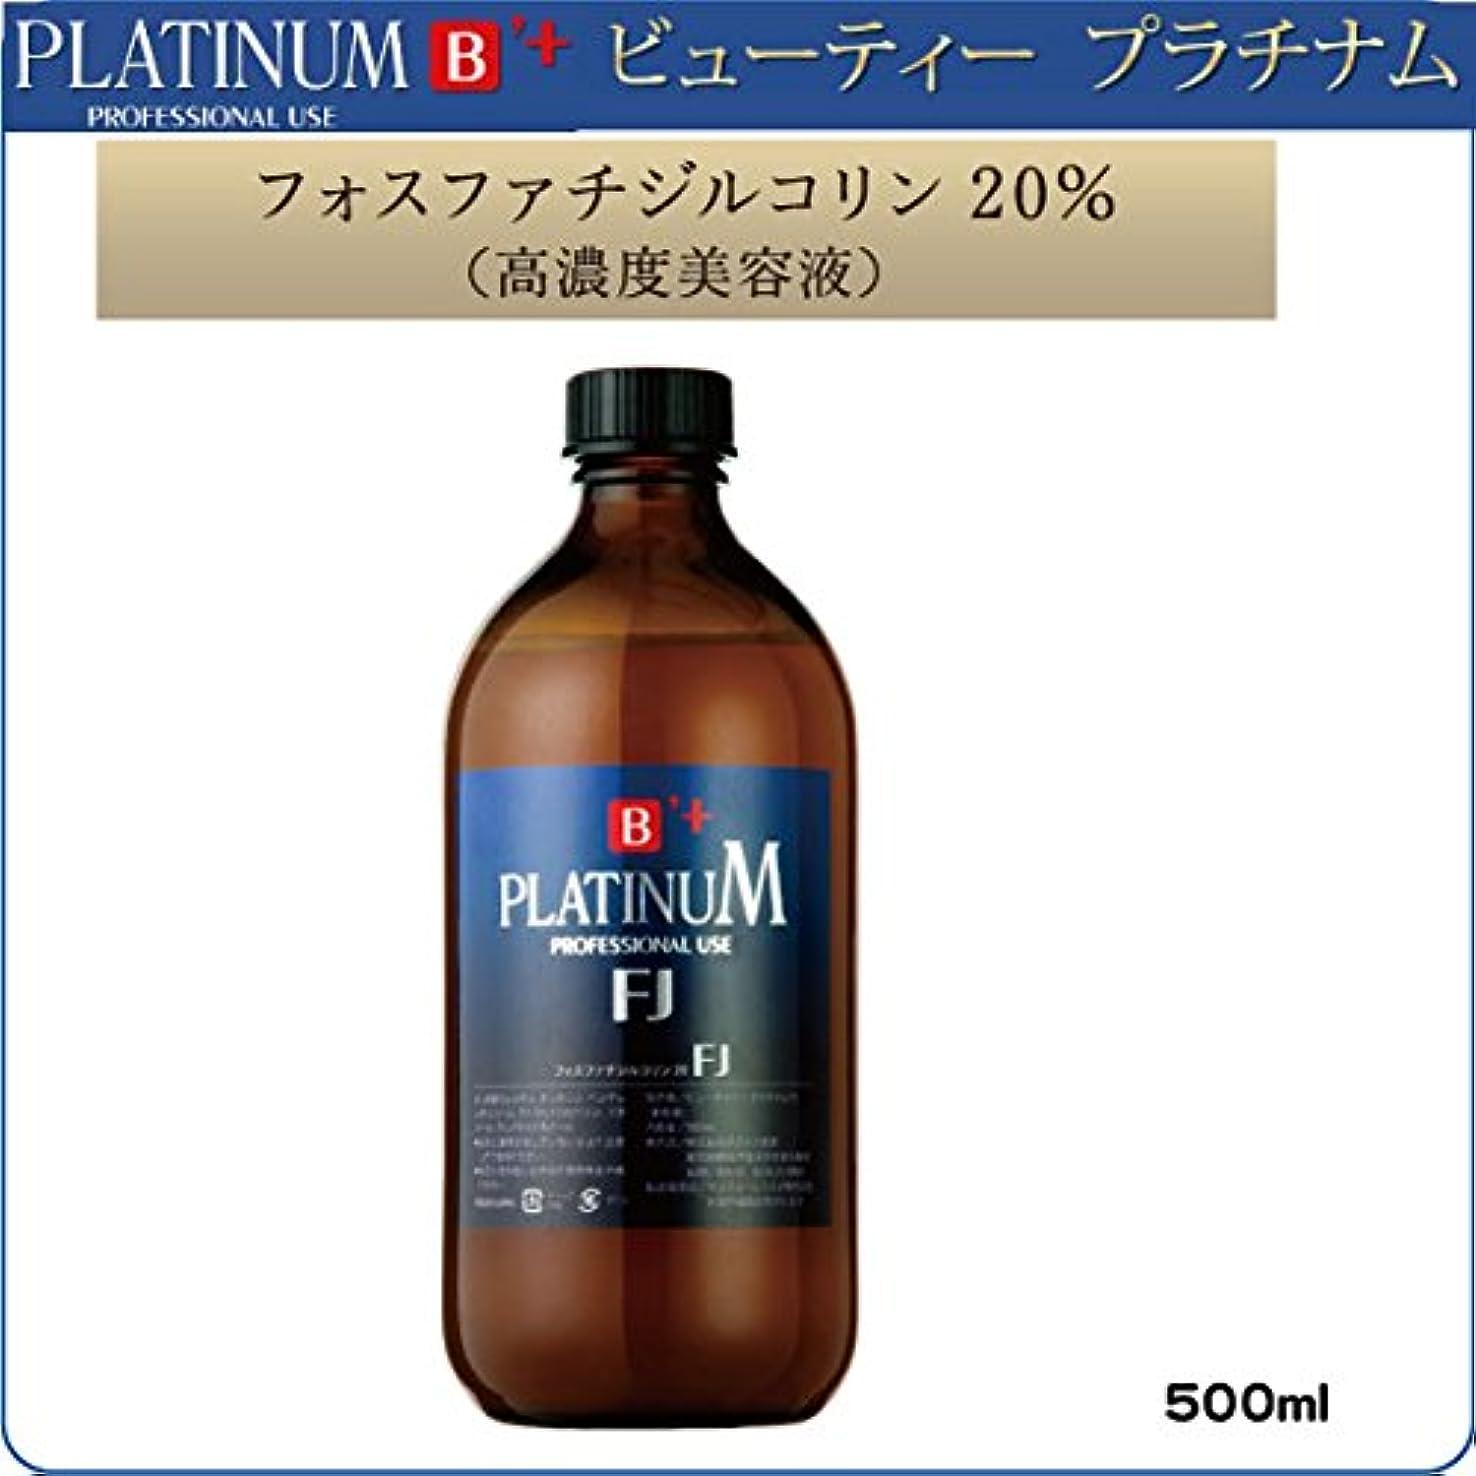 フィドル消毒する崇拝します【ビューティー プラチナム】 PLATINUM B'+  フォスファチジルコリン20%高濃度美容液  痩身専用:500ml